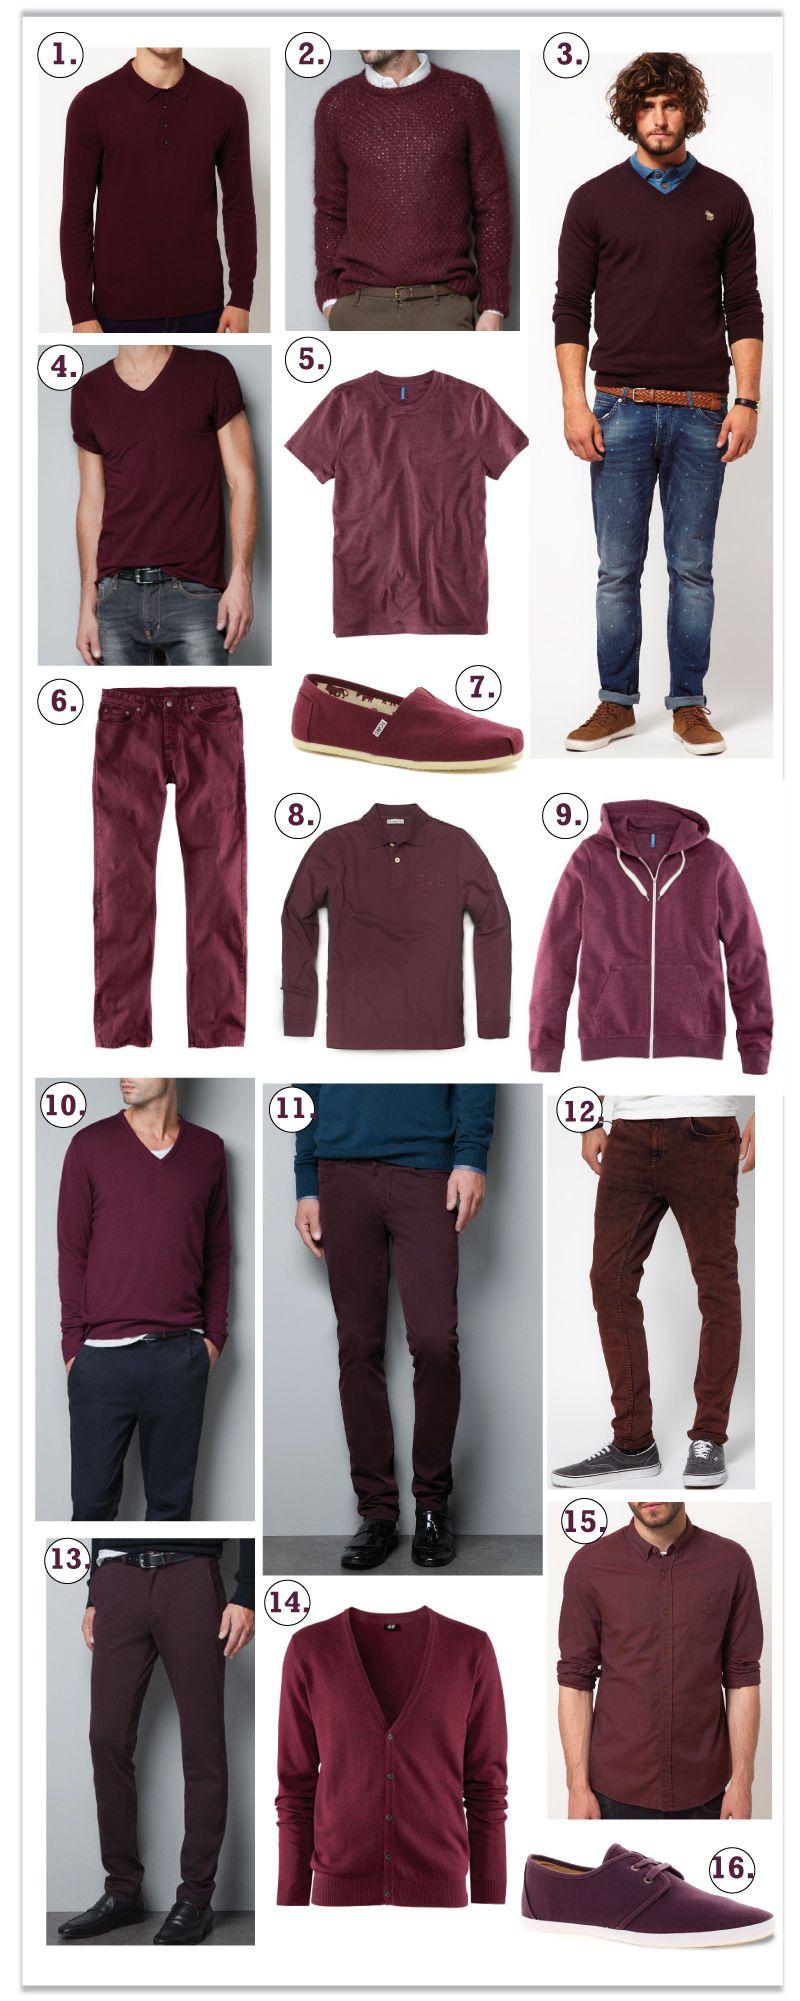 48cfb41ad4 burgundy-burdeos-ropa burdeos Pantalon Rojo Hombre